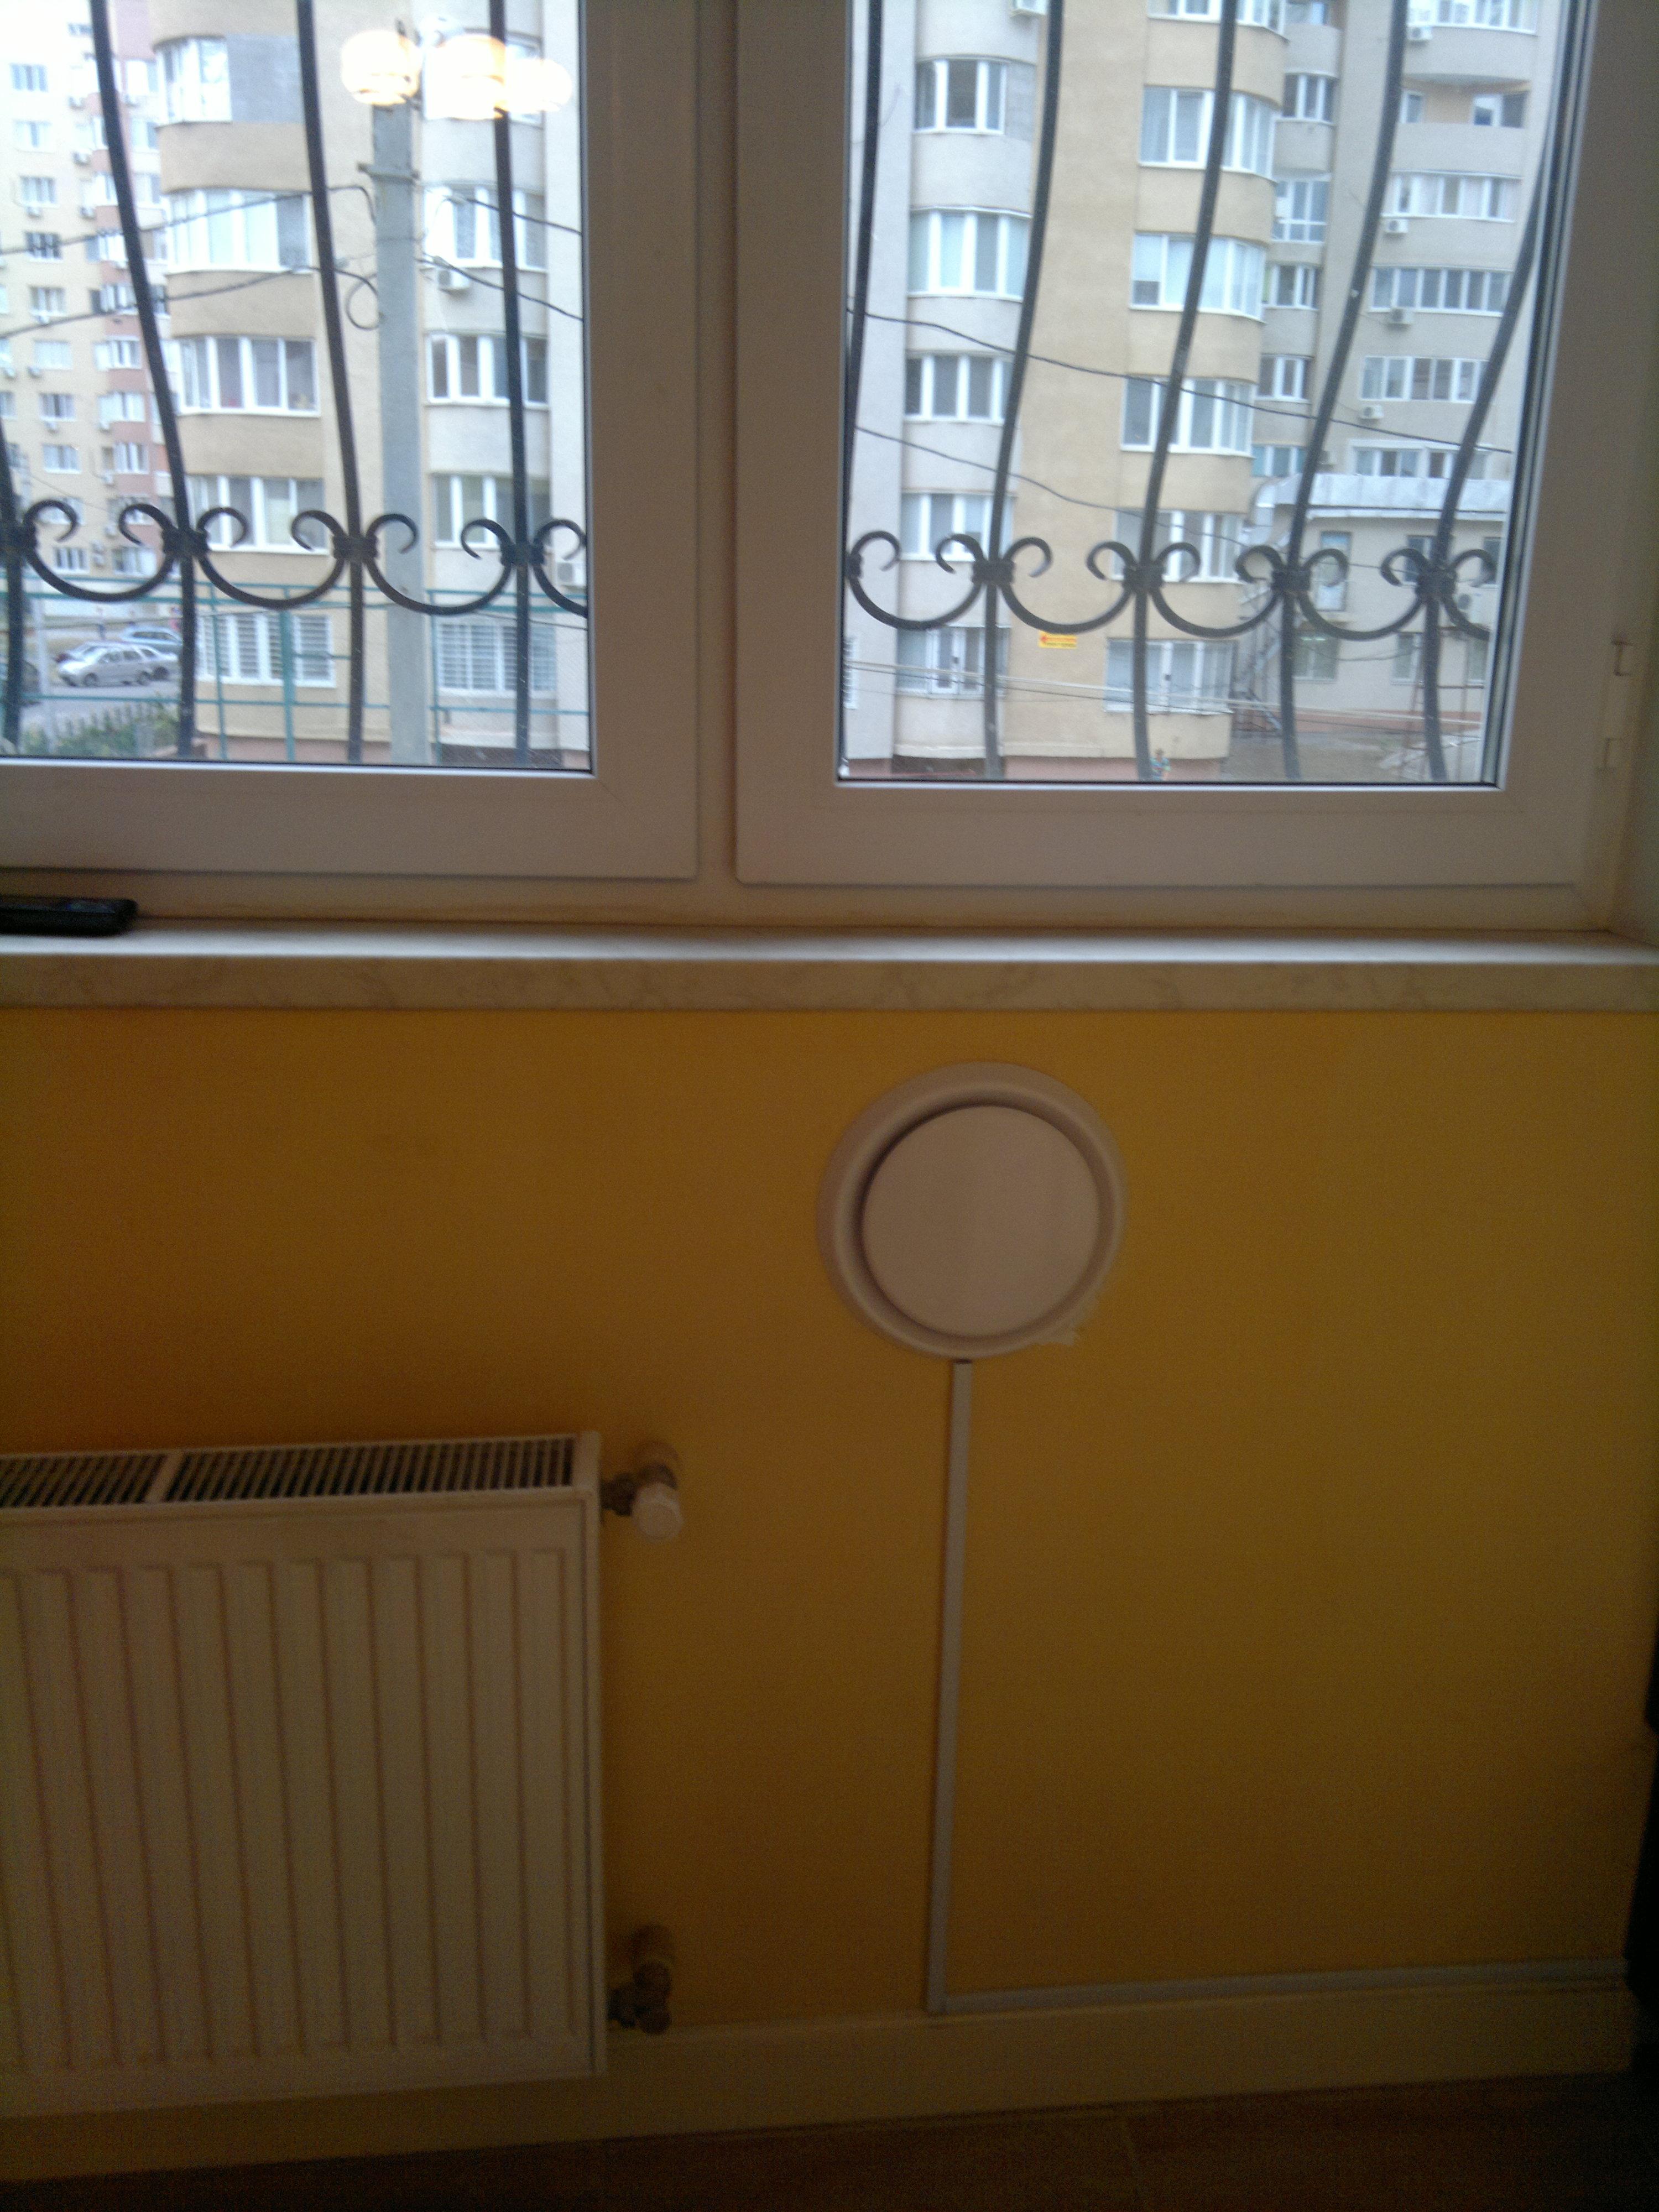 Применение рекуператоров Ventoxx Slim Line в квартире